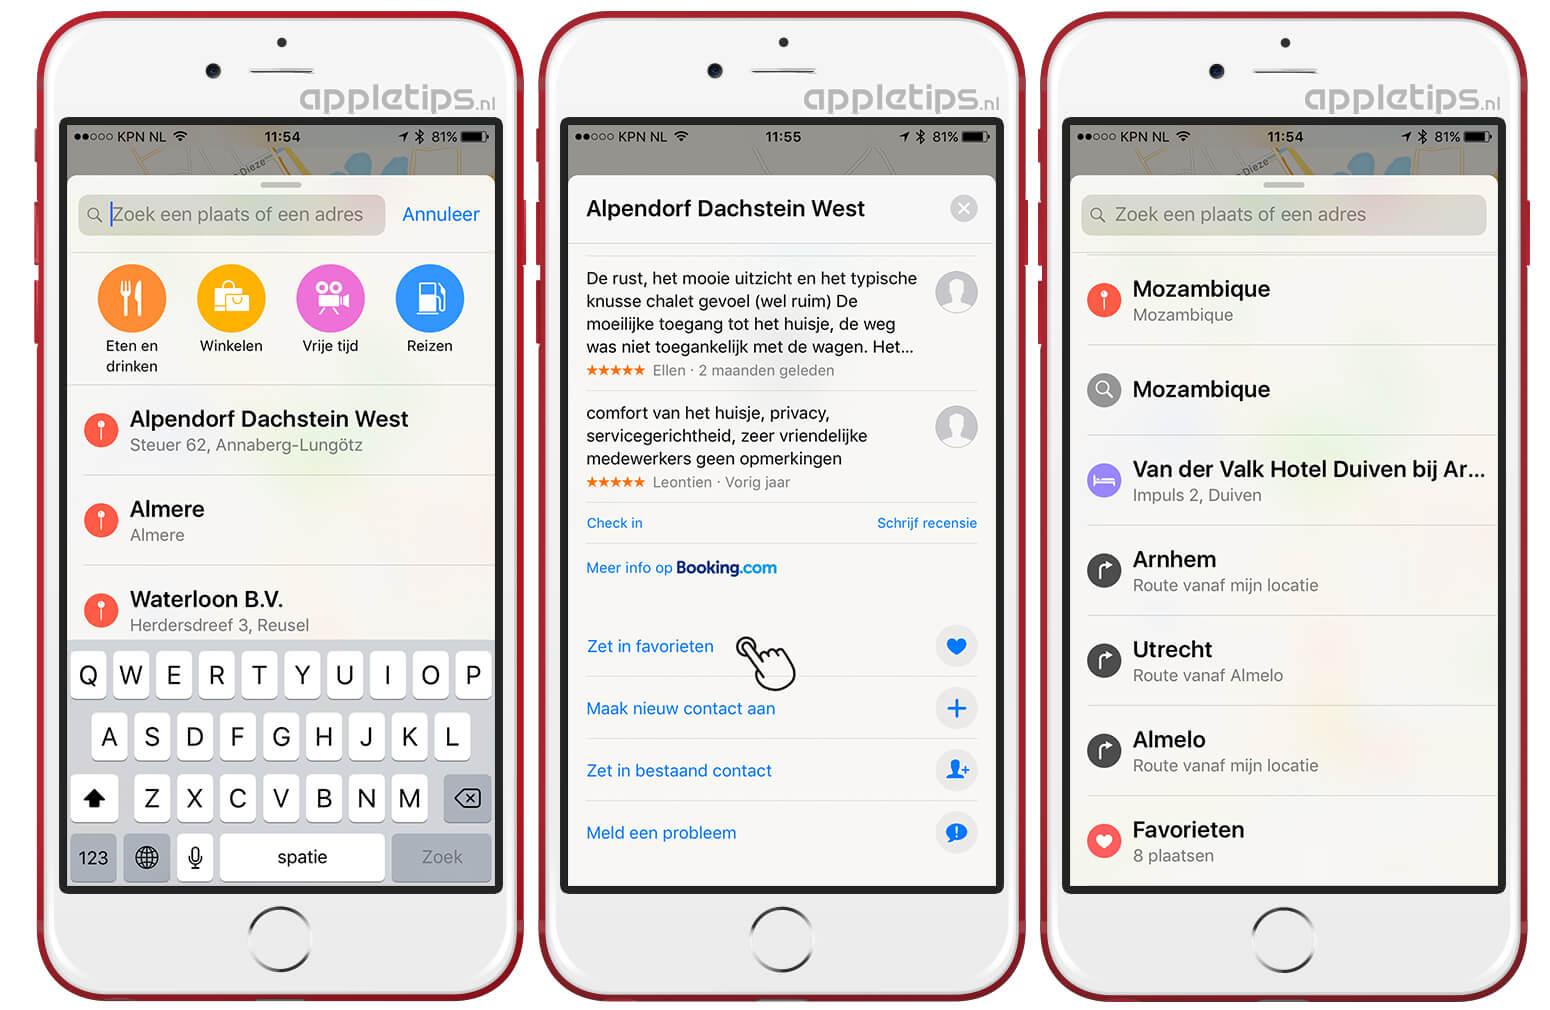 1152272a2f9 Locaties toevoegen aan je favorieten in iOS Apple Kaarten - appletips